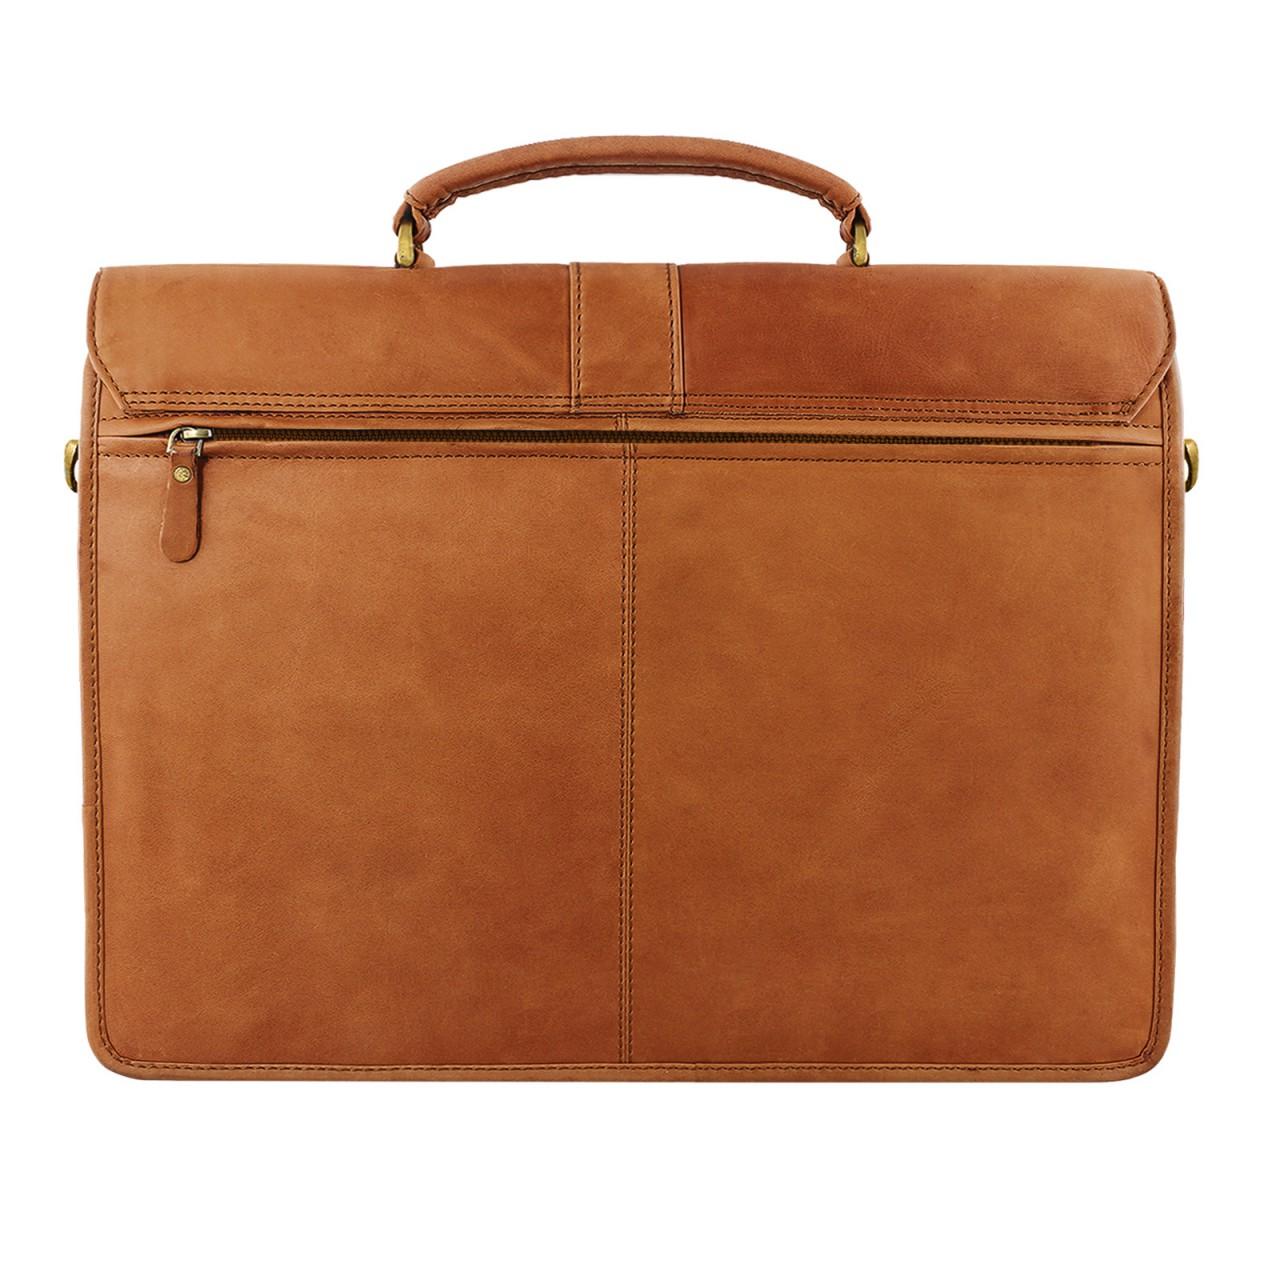 STILORD Vintage Umhängetasche groß Aktentasche Schultertasche 15,6 Zoll Laptoptasche - ideal für Büro Uni Arbeit Leder braun - Bild 3